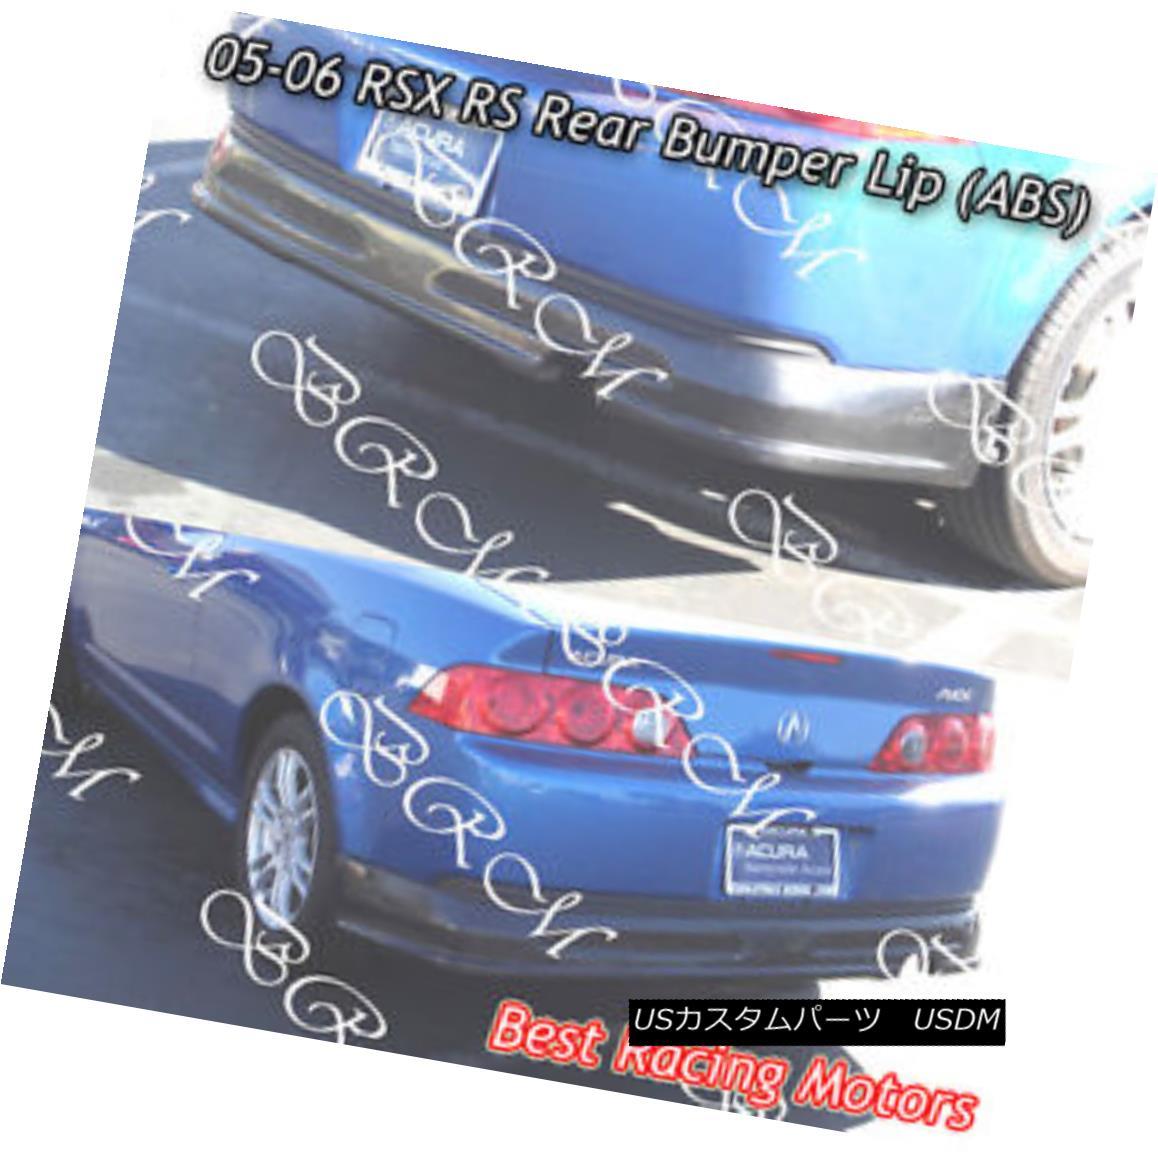 エアロパーツ RS Style Rear Bumper Lip (ABS) Fits 05-06 Acura RSX RSスタイルリアバンパーリップ(ABS)フィット05-06 Acura RSX